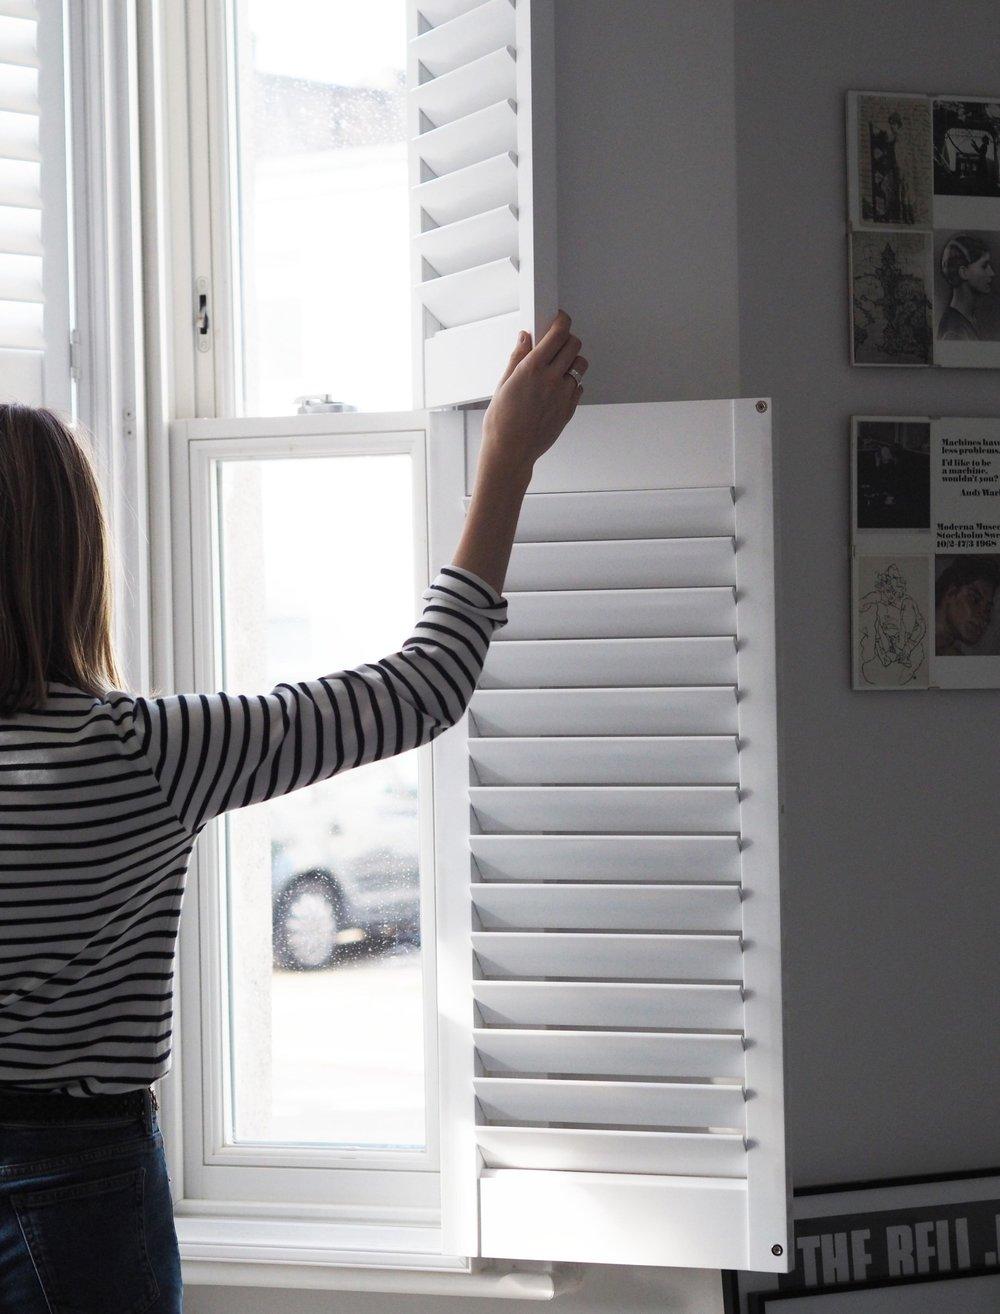 catesthill-hillarys-blinds-bay-window-shutters-2.jpg